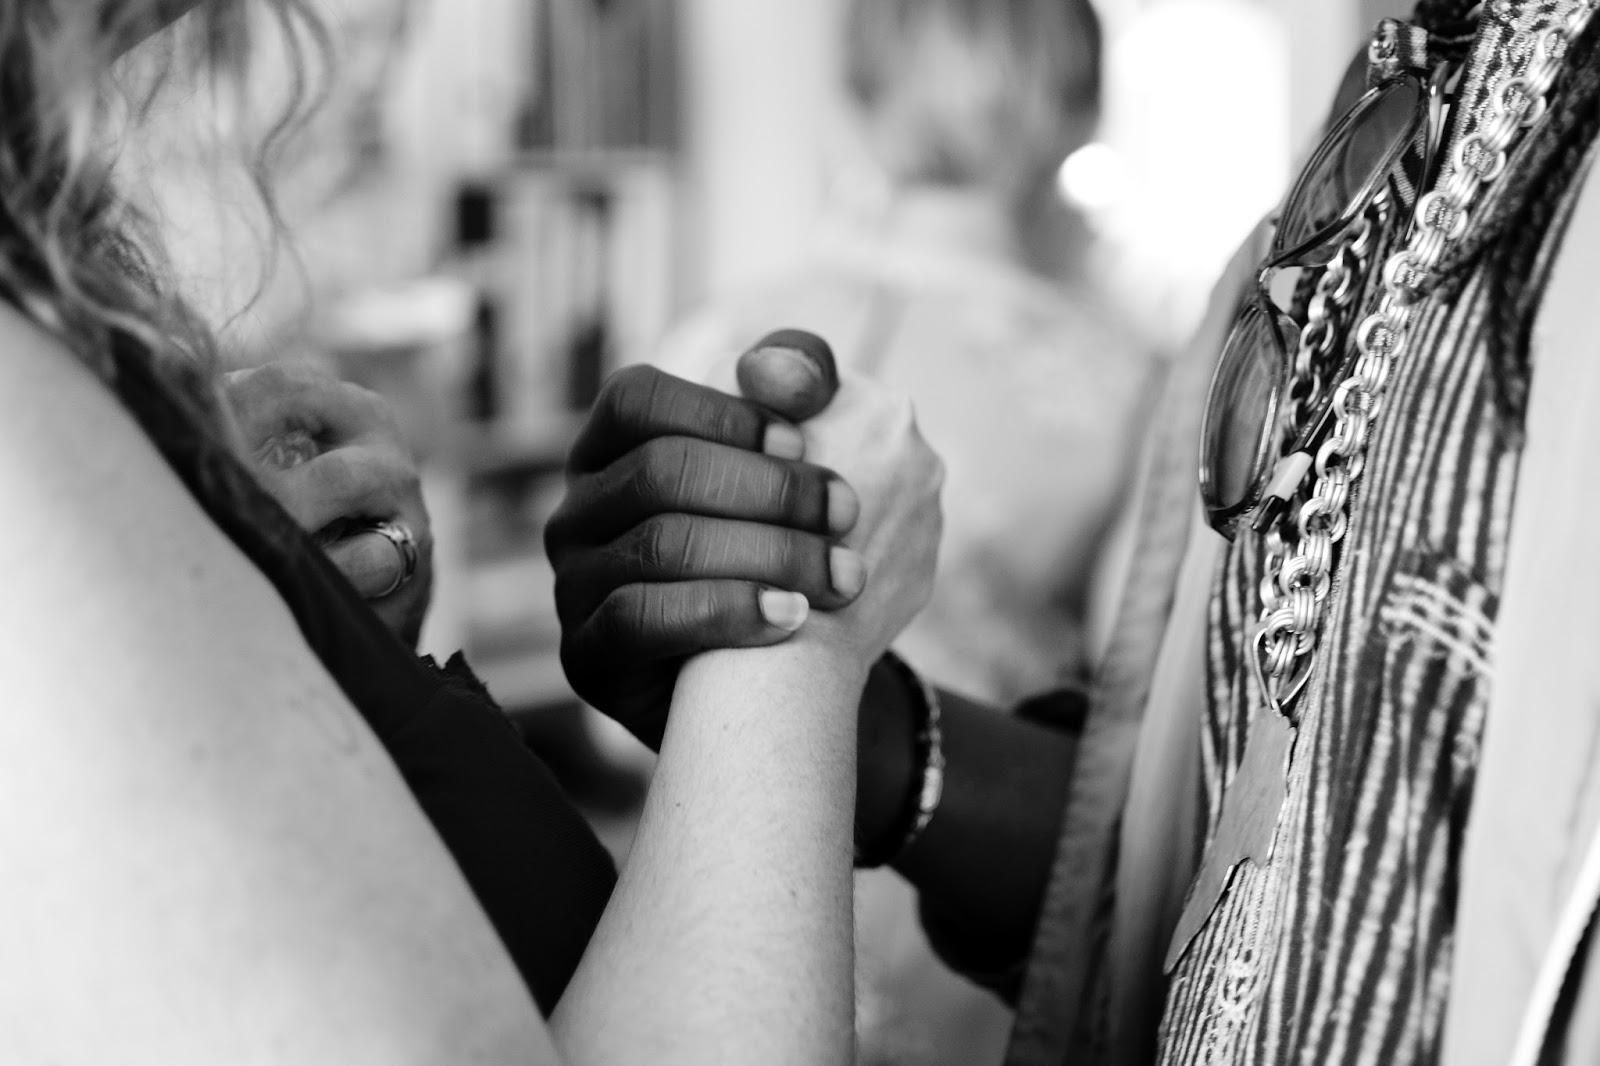 Solidaridad con afectados por el cáncer: marchas y videojuegos